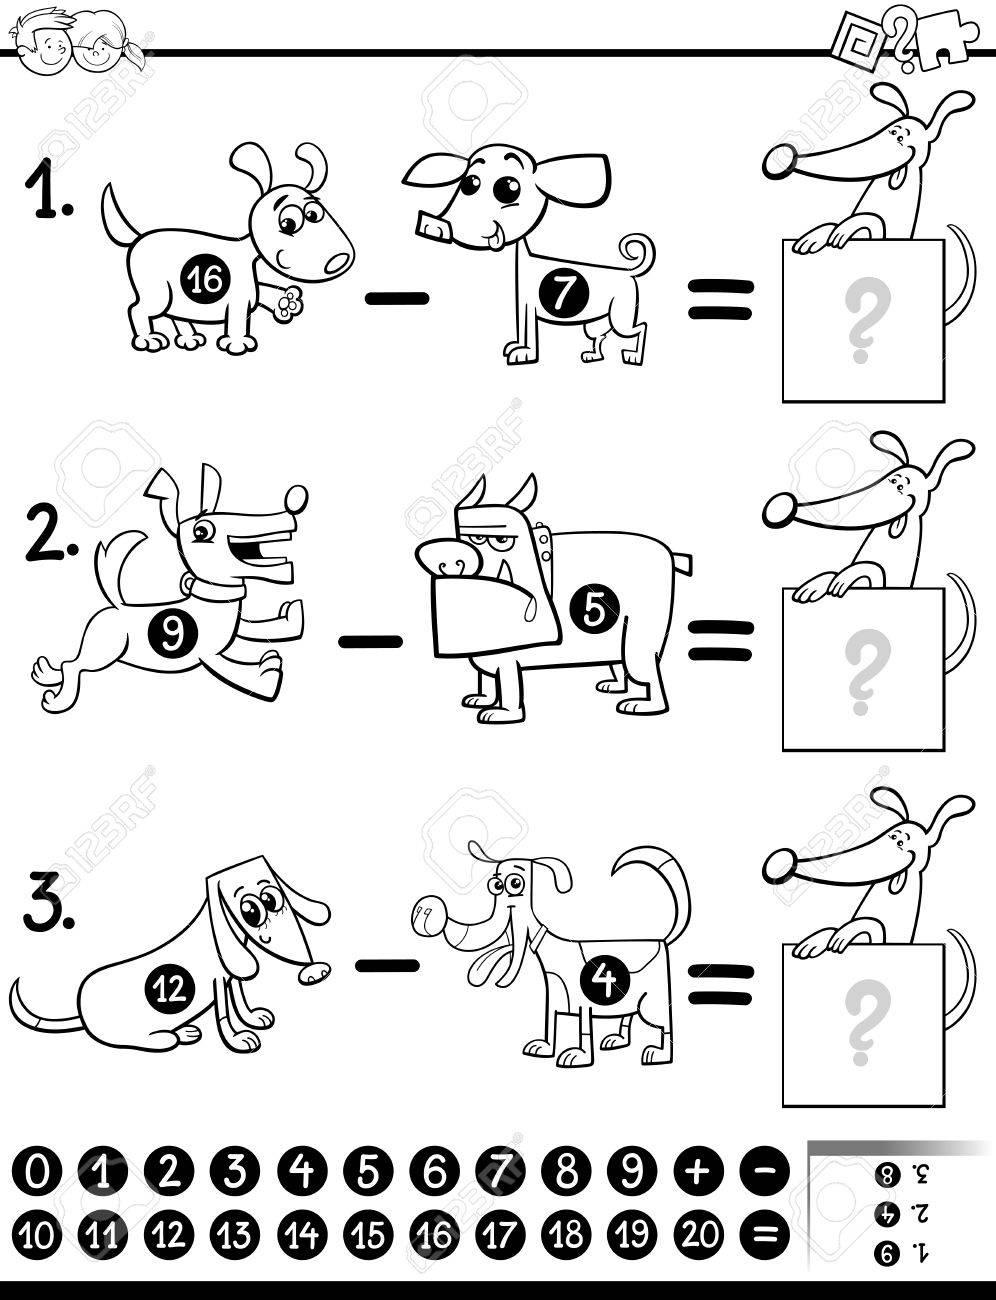 Schwarz-Weiß-Karikatur Illustration Der Pädagogischen Mathematischen ...